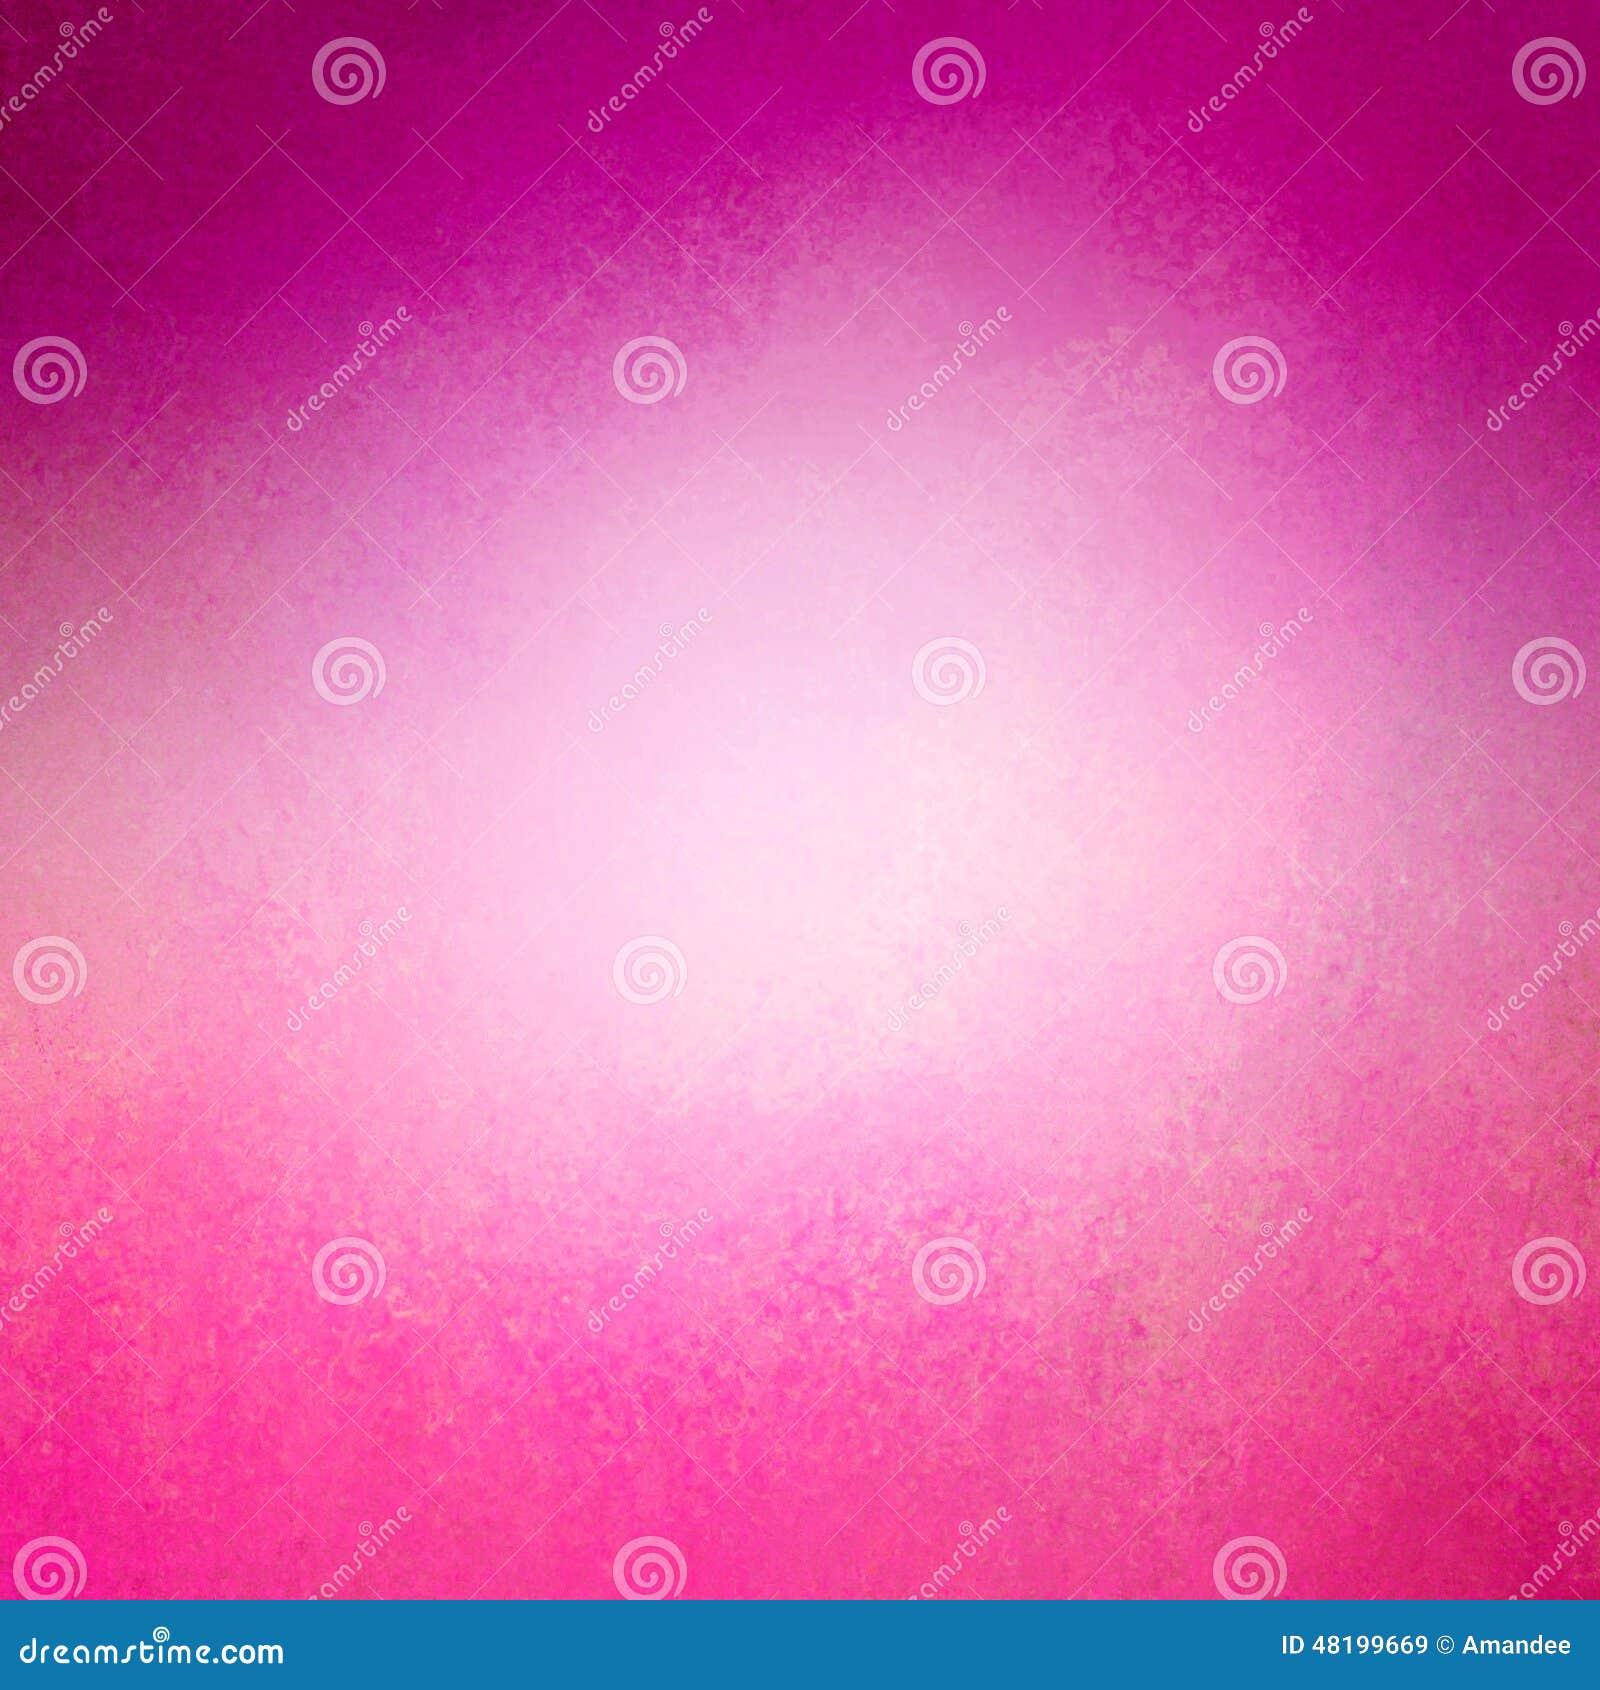 Fundo brilhante do rosa quente com beira roxa e disposição afligida da textura do vintage